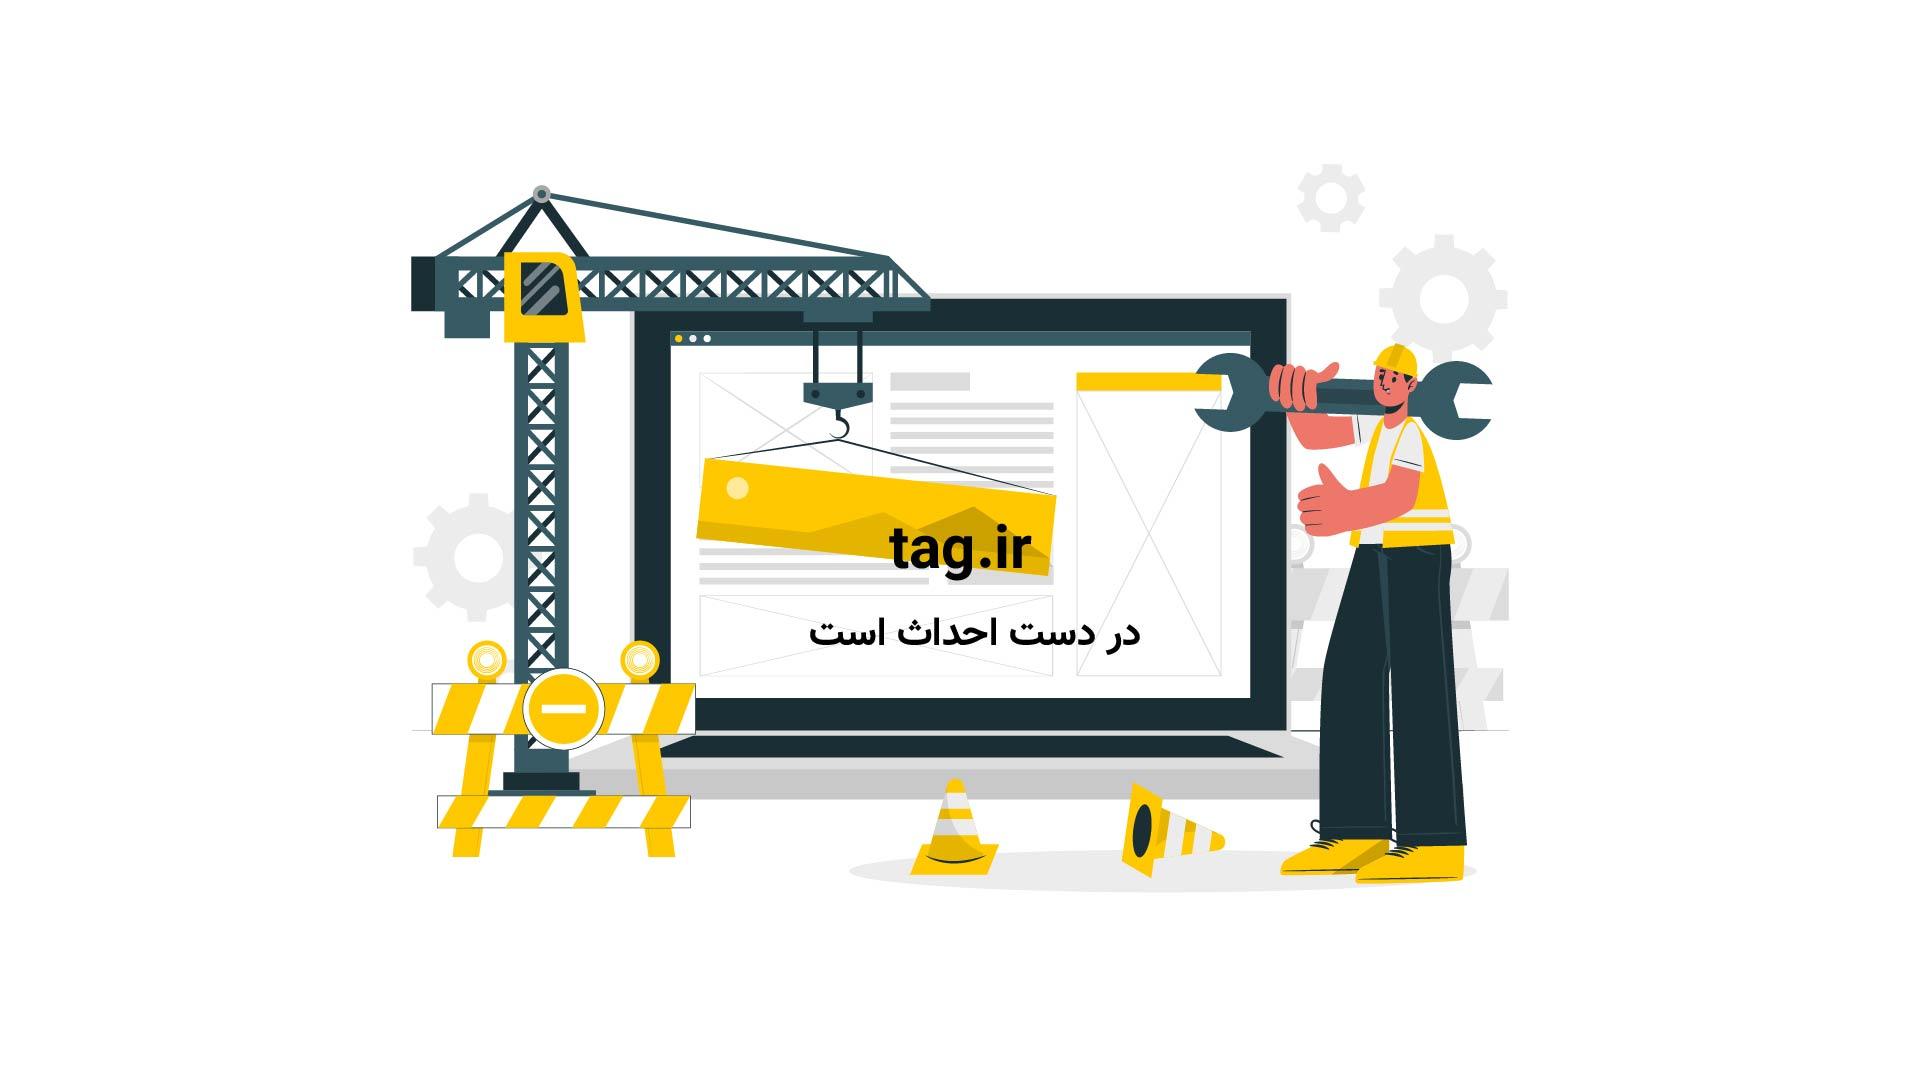 سخنرانی های تد   تگ